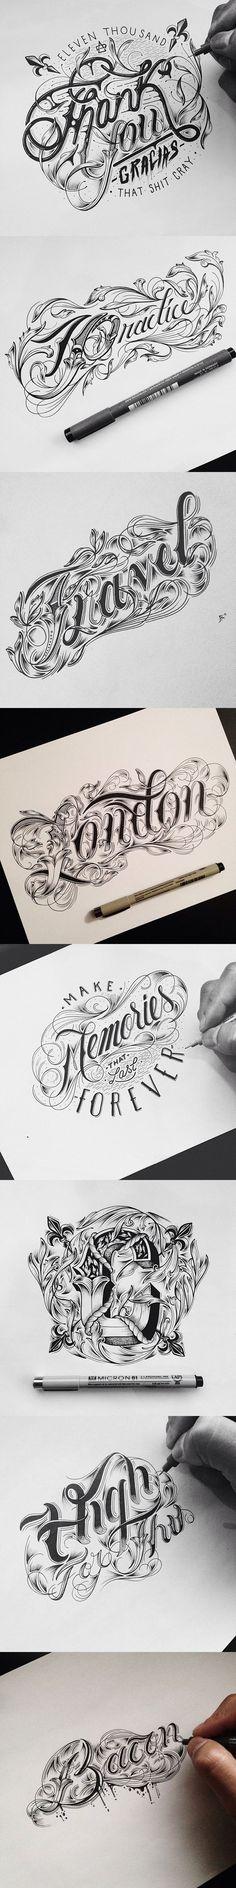 Les typographies de Raul Alejandro, pas grand chose à dire si ce n'est que c'est juste une tueur.